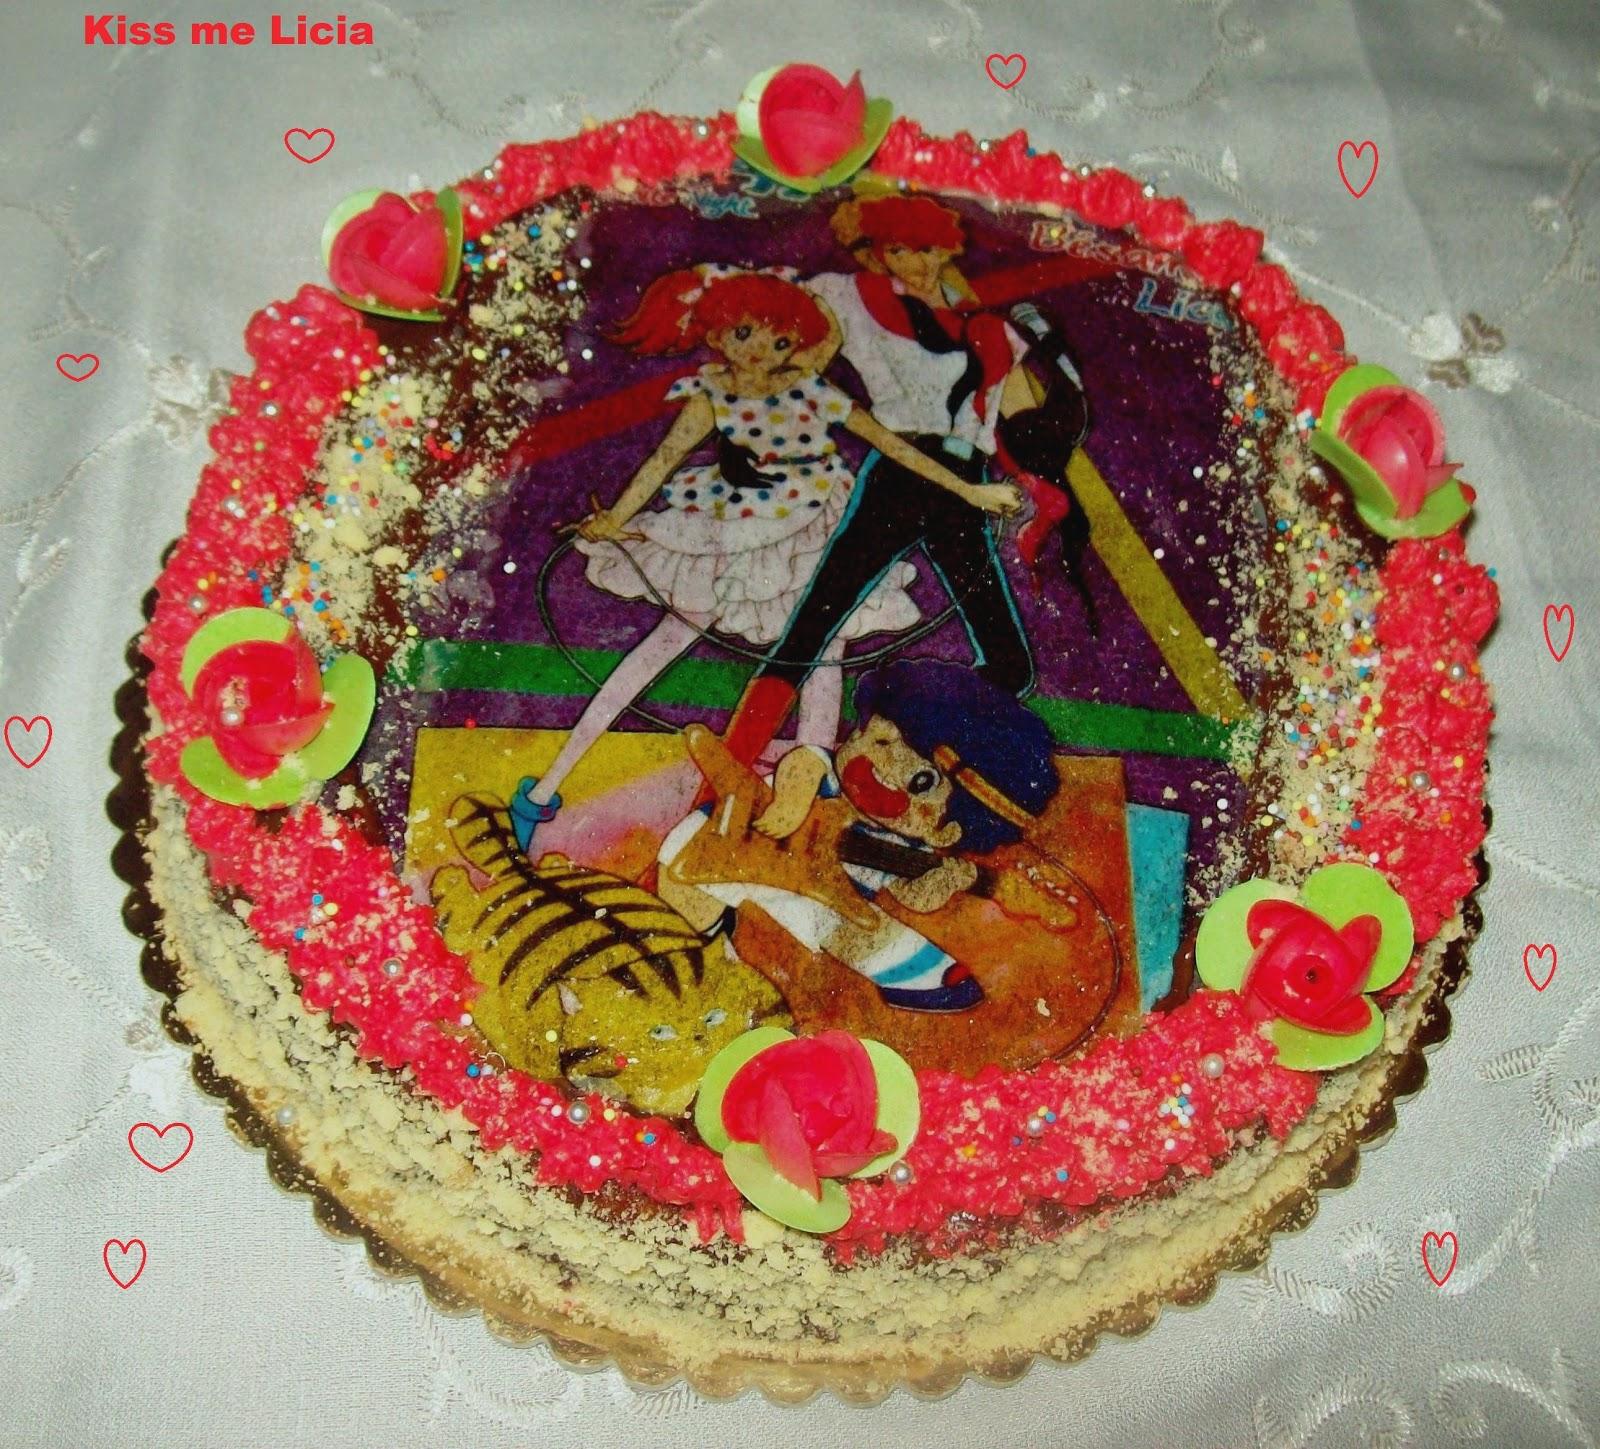 Accademia di elisa torta kiss me licia